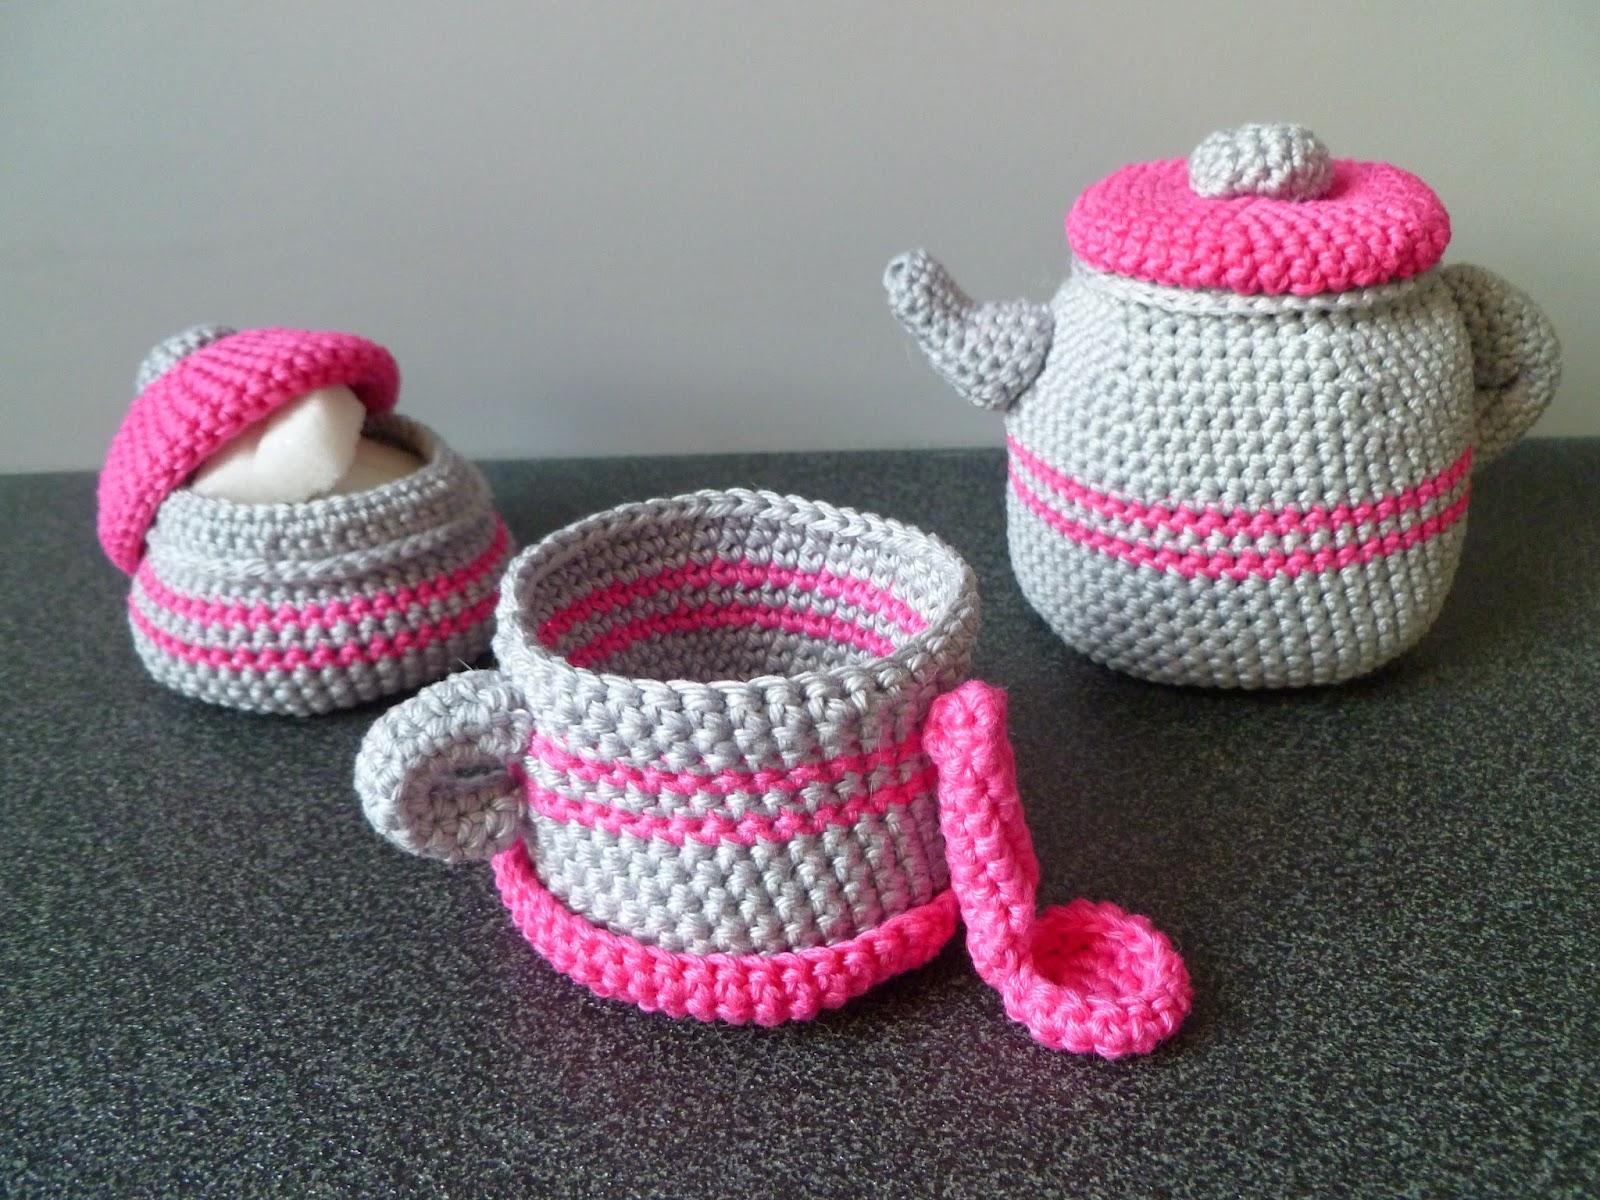 Amigurumi Haken : Annes Crochet Palace: Volgende stap: amigurumi haken